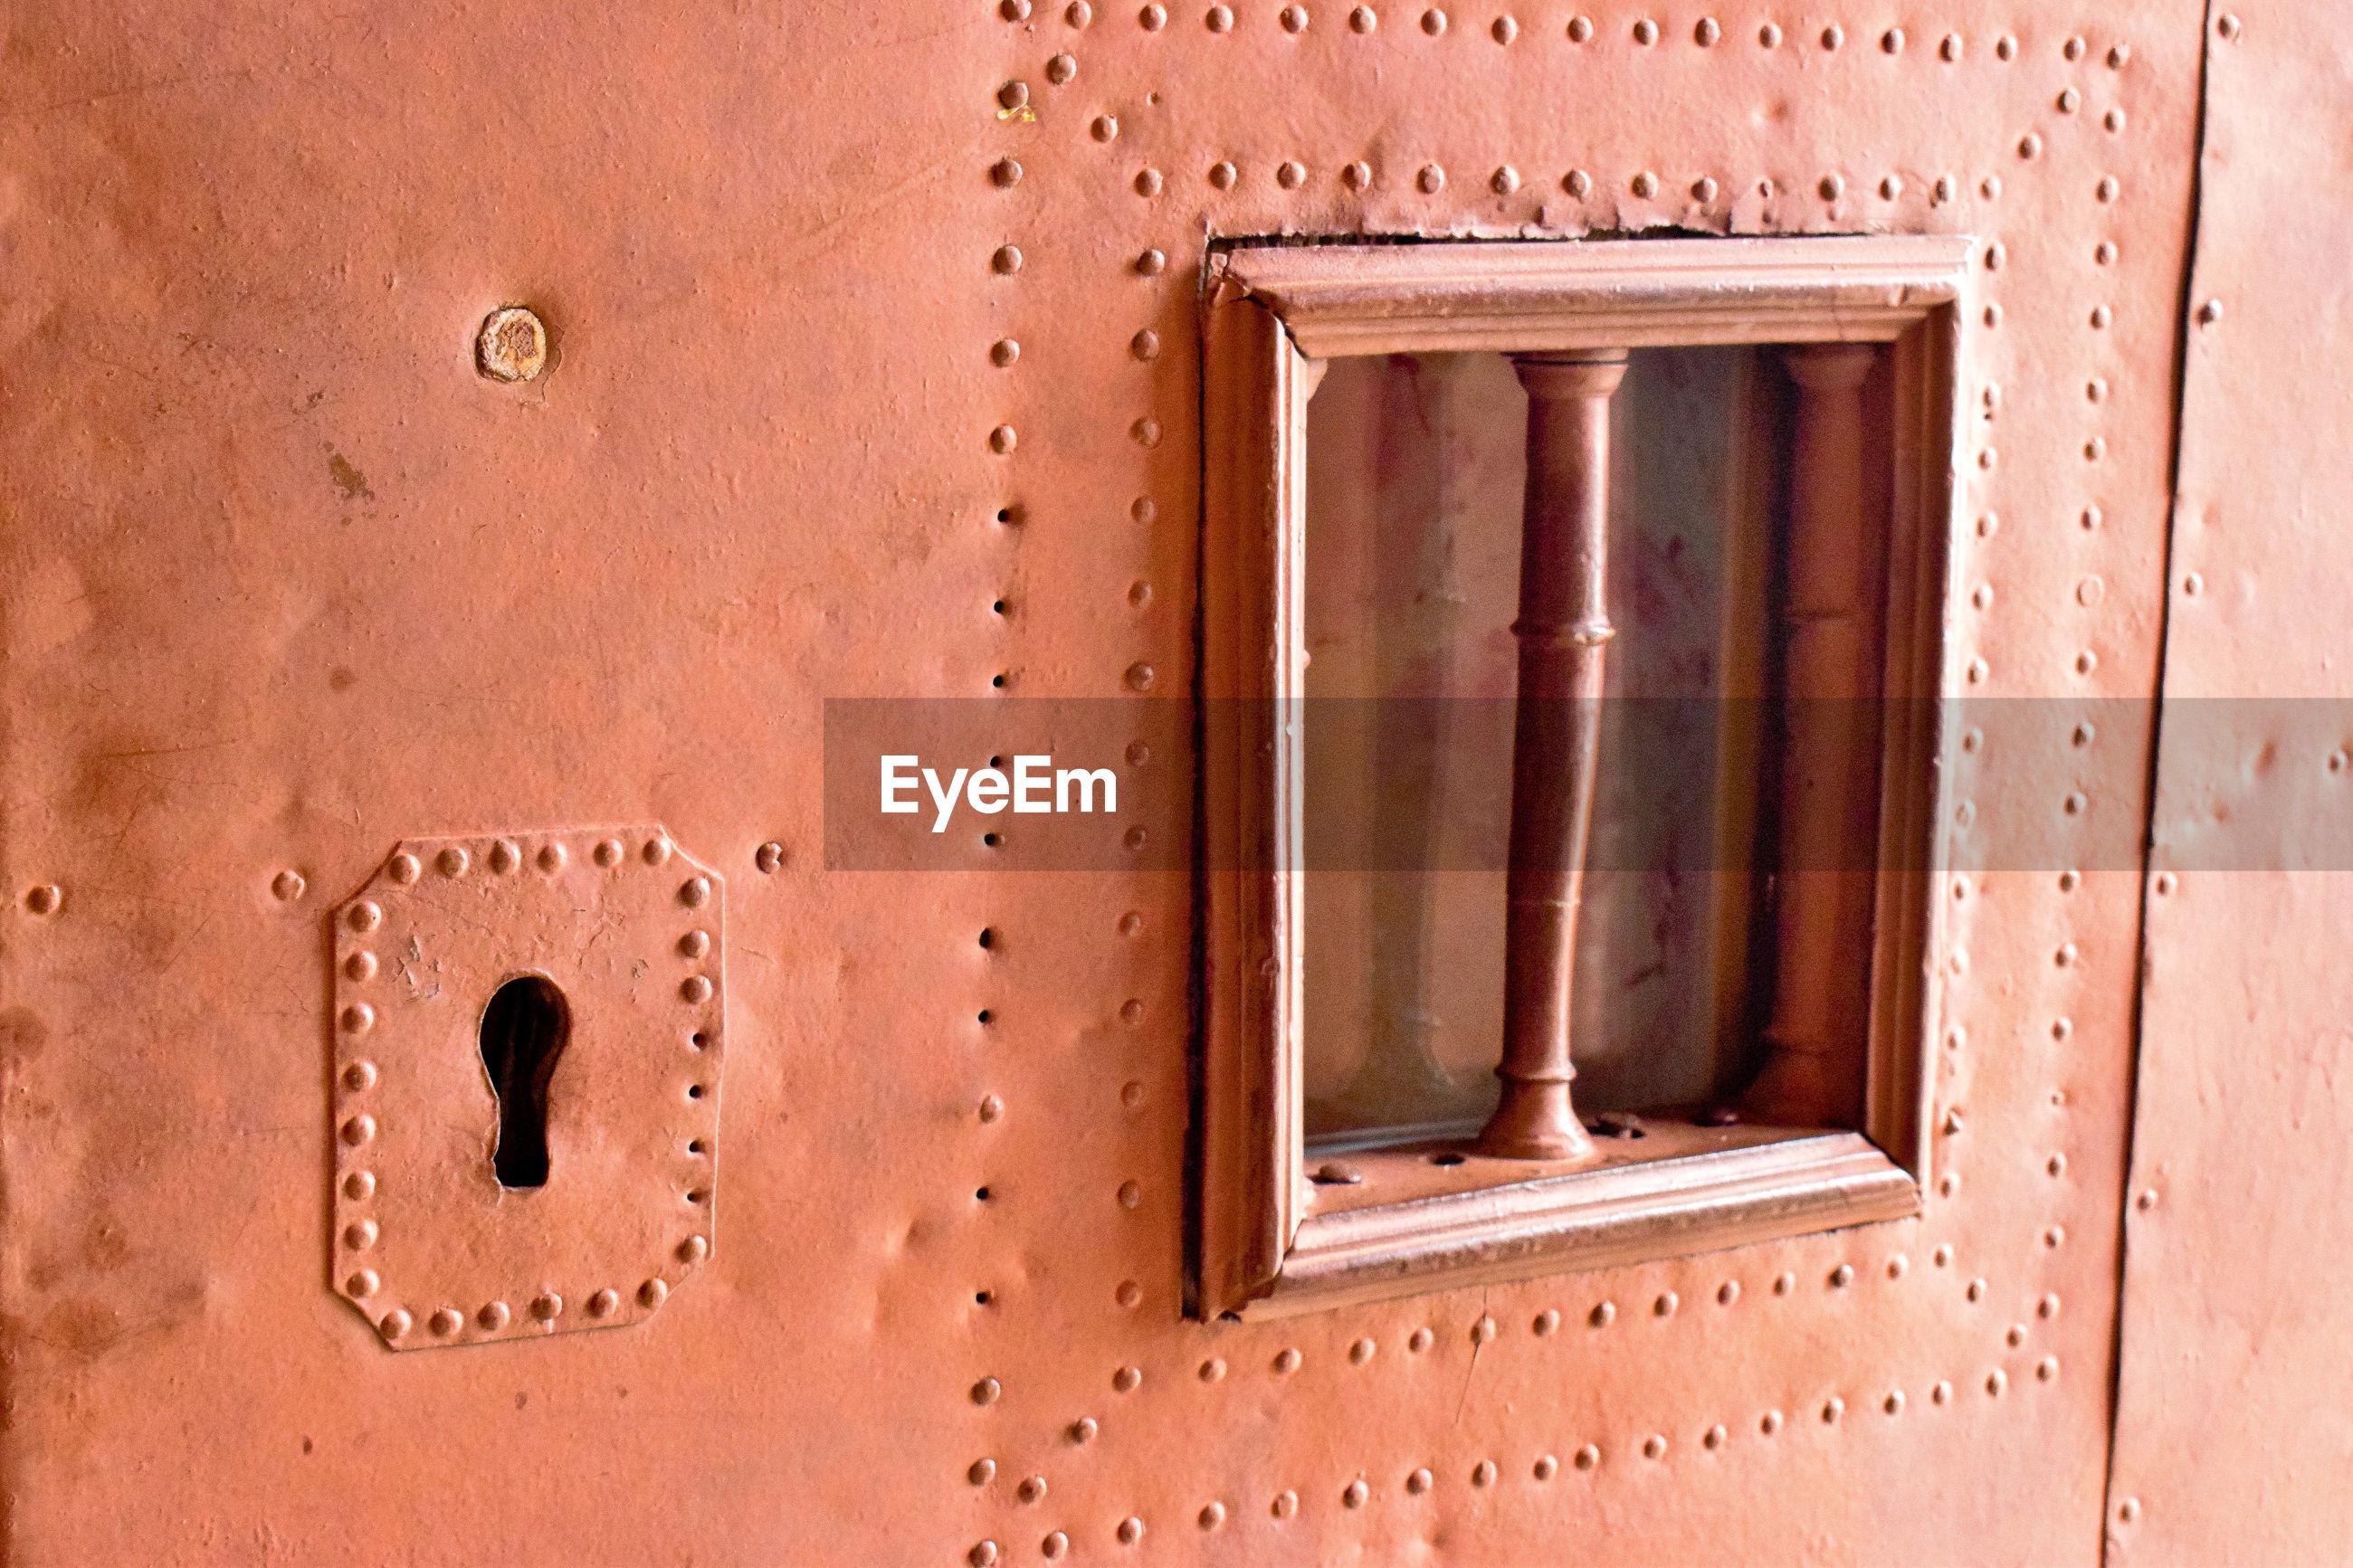 Close-up of old metallic door